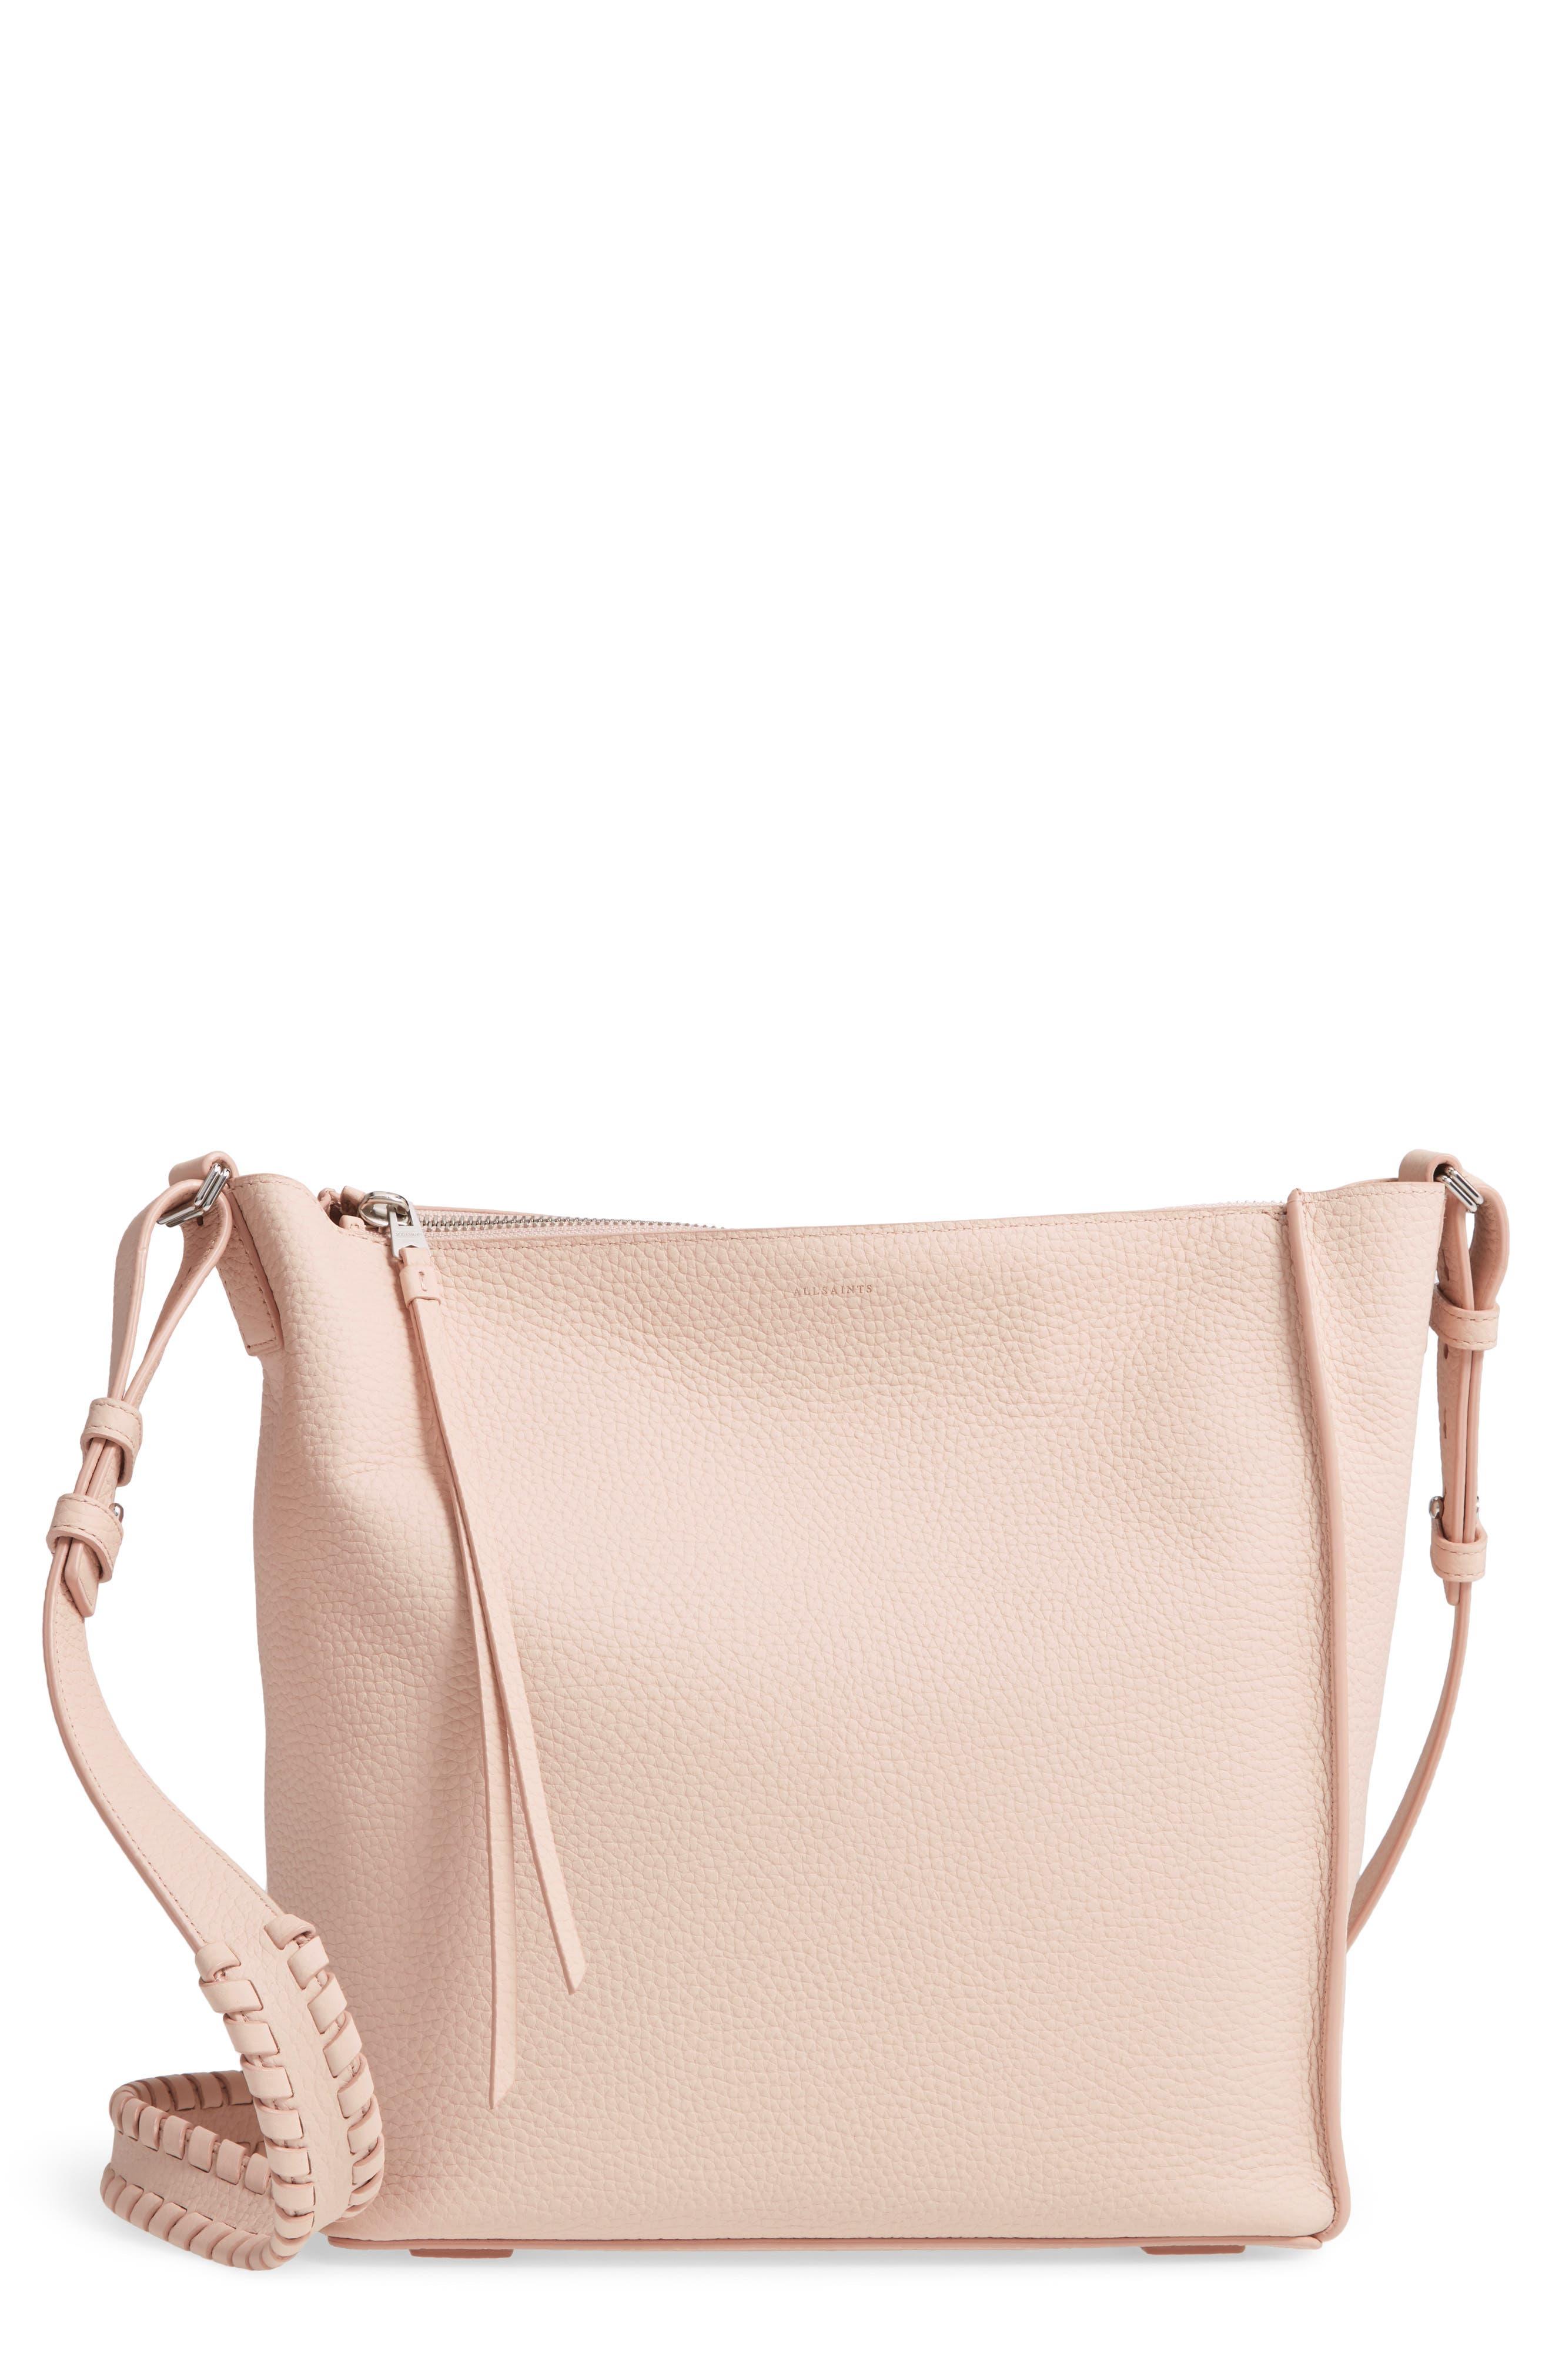 0eef5657ccc Crossbody Bags